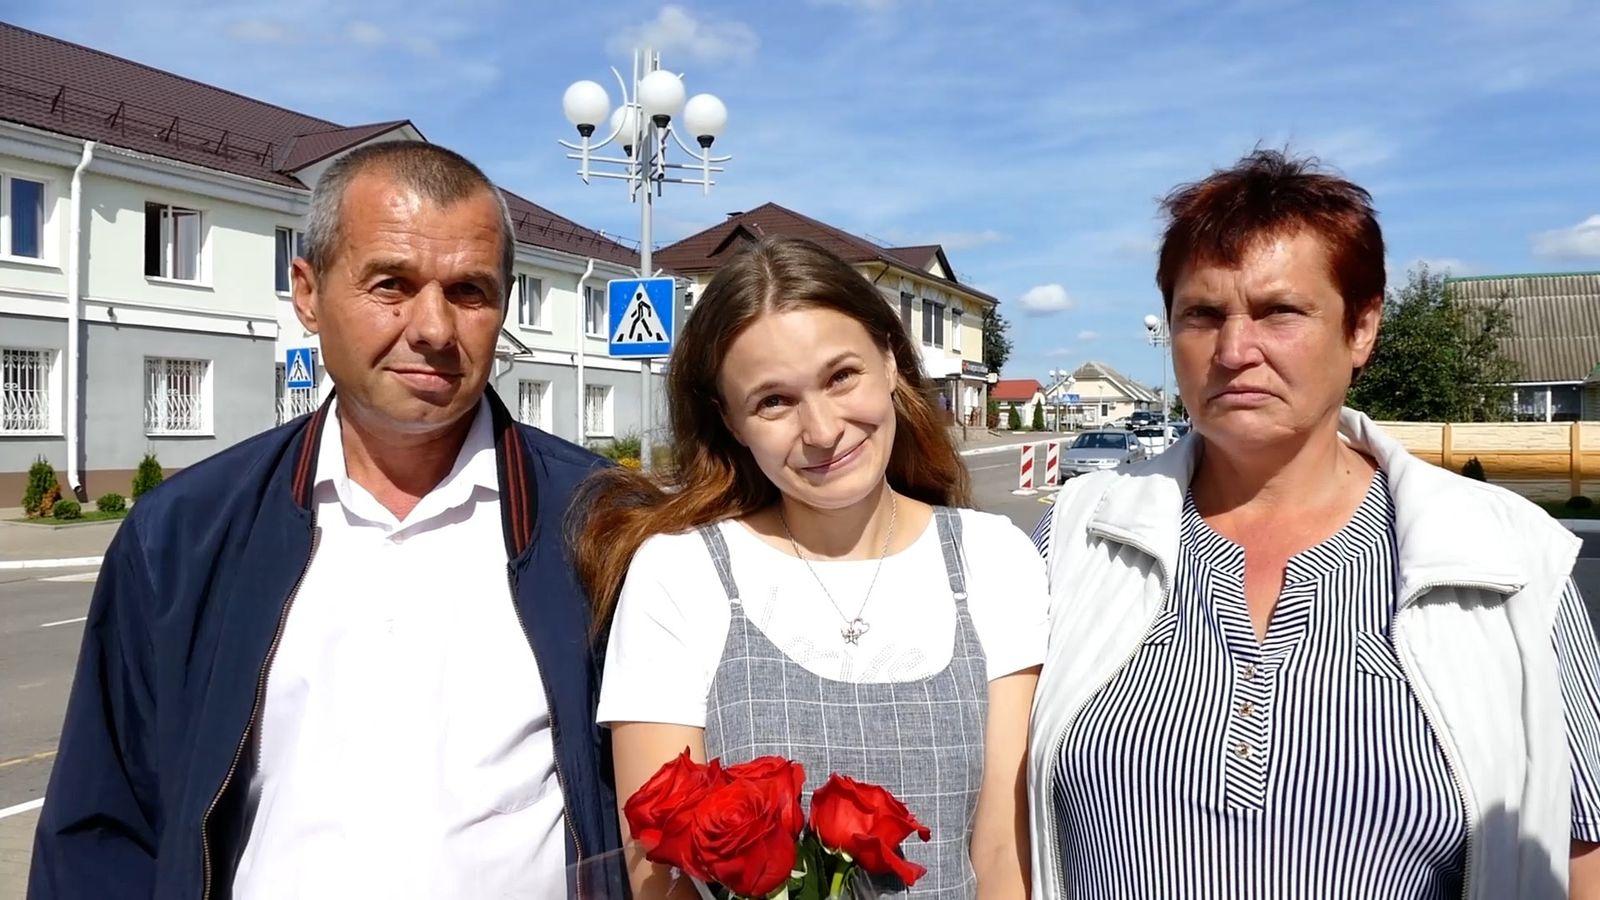 Tochter/ Weißrussland/ Familie/ vermisst